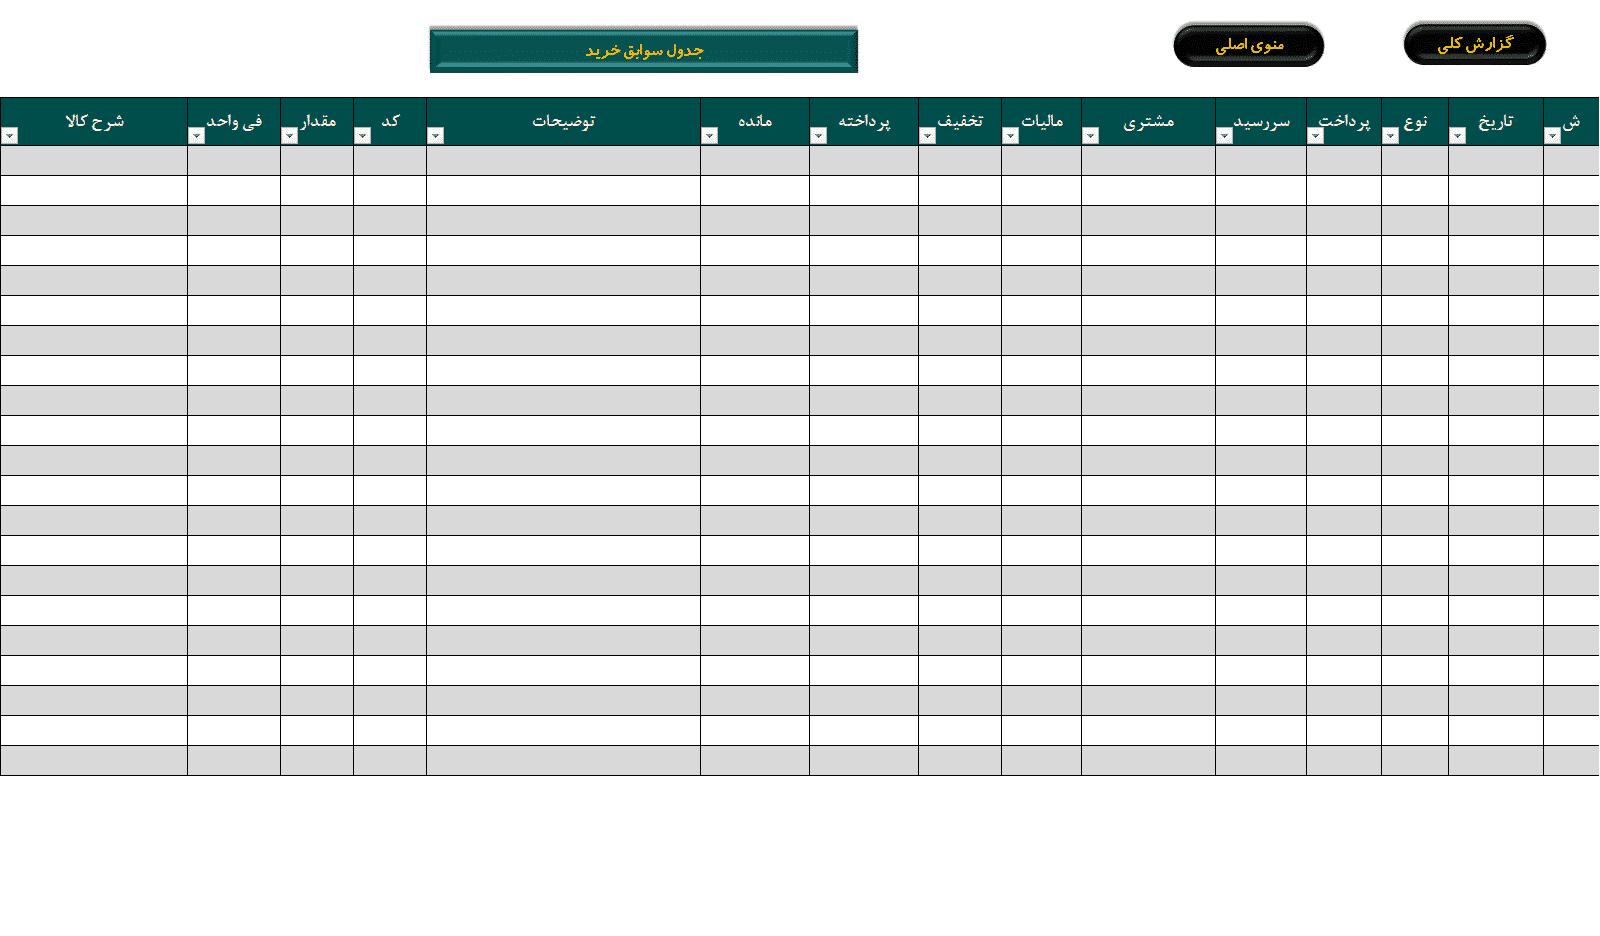 🥇 برنامه حسابداری فروشگاهی ثبت فاکتورهای خرید و فروش 2